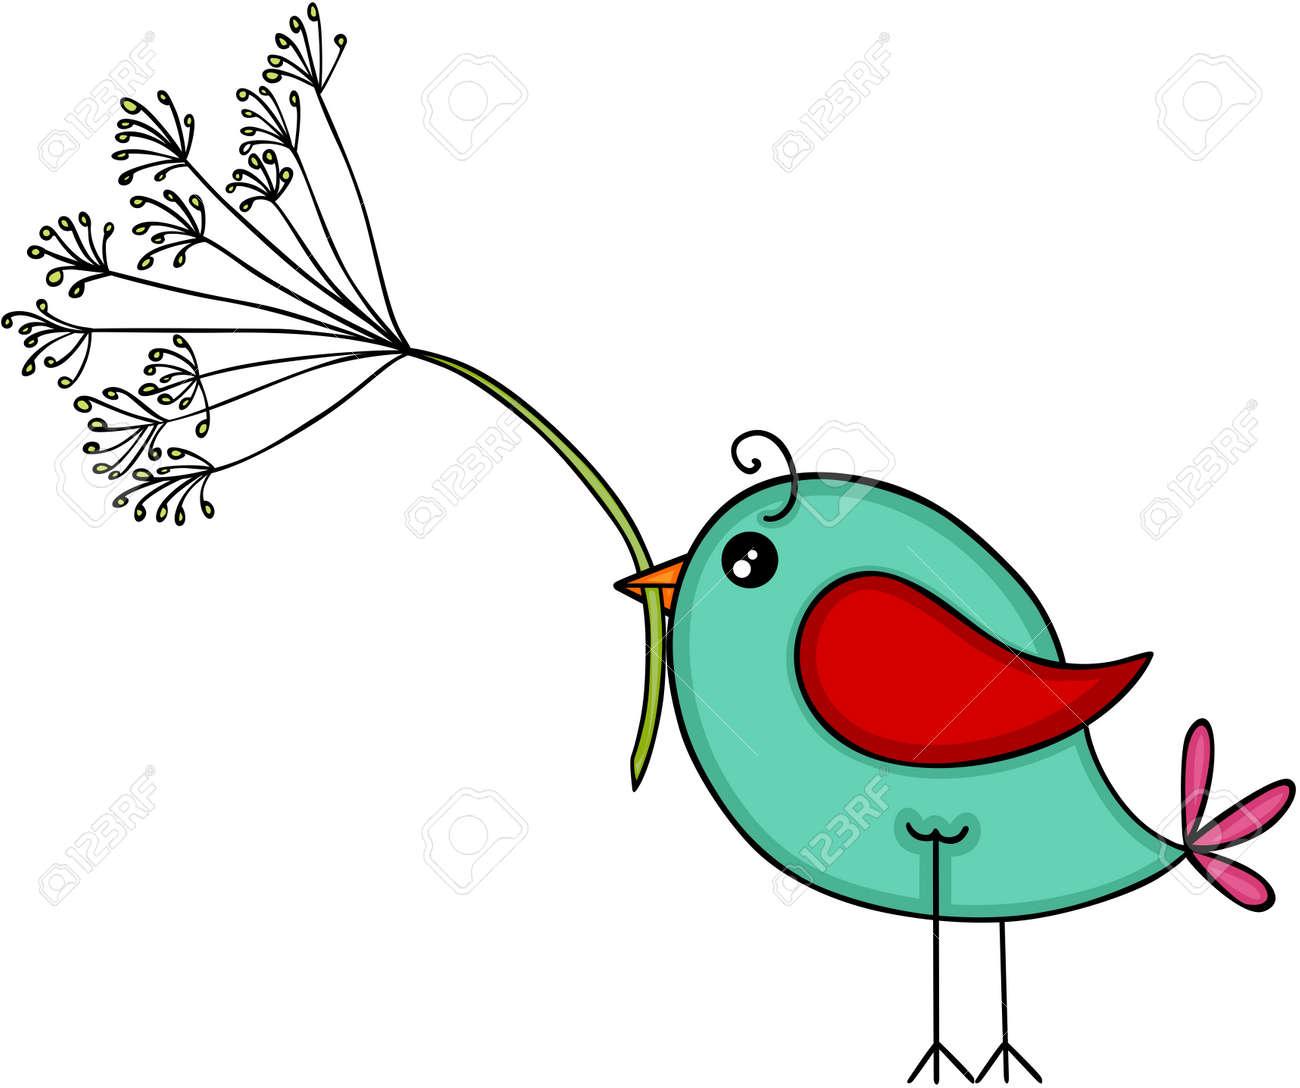 Blue bird with dandelion flower - 105208697